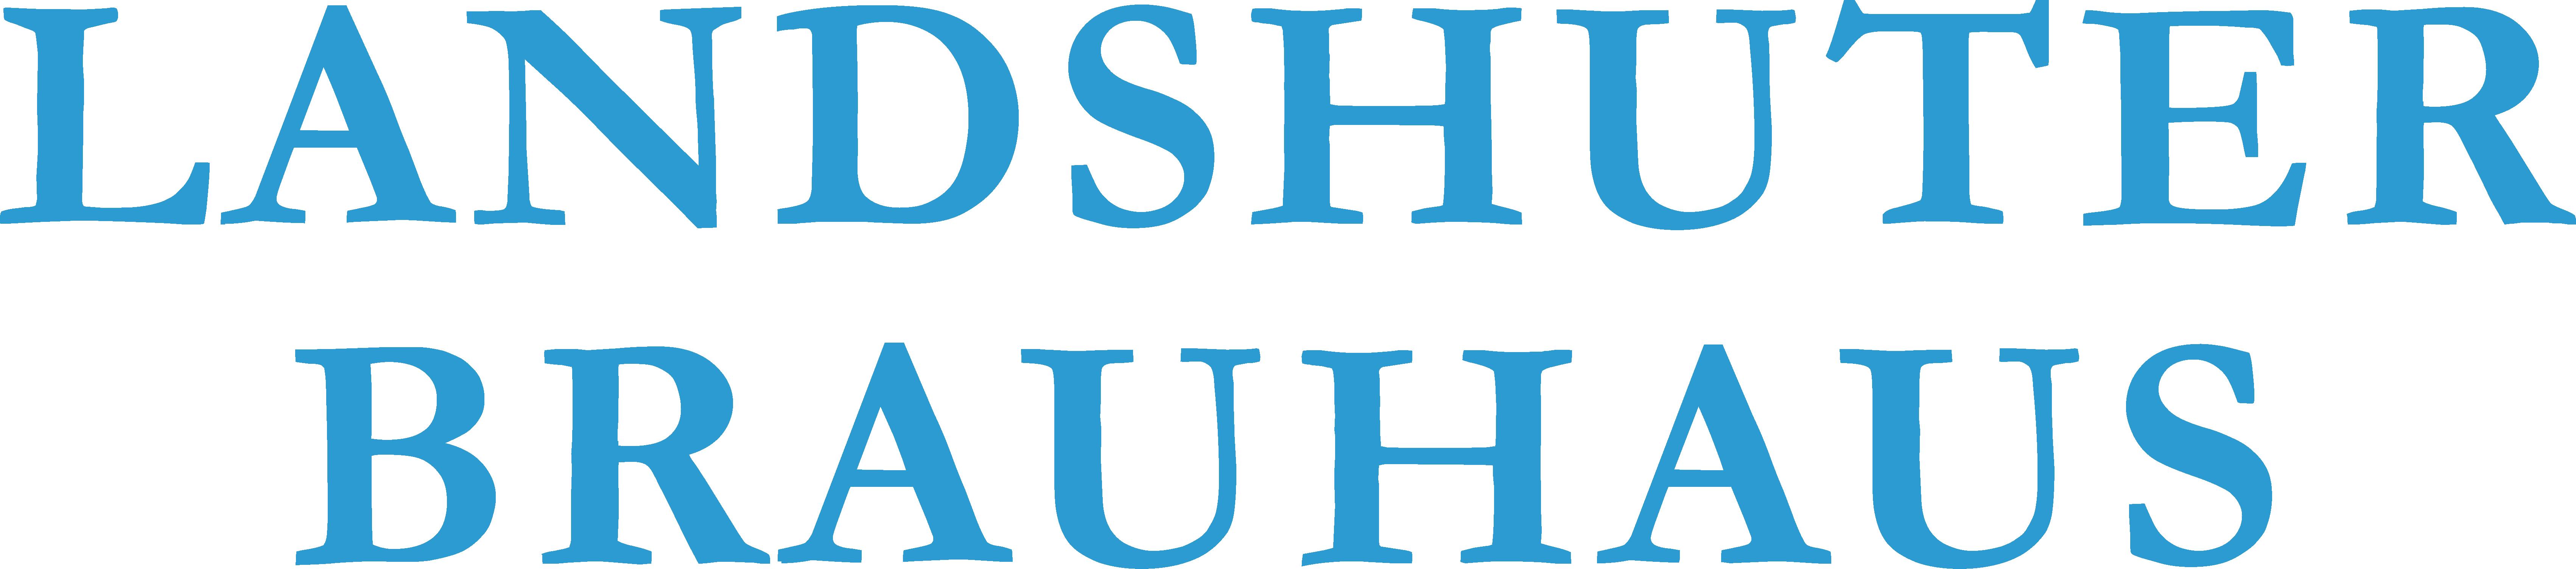 Landshuter Brauhaus Logo